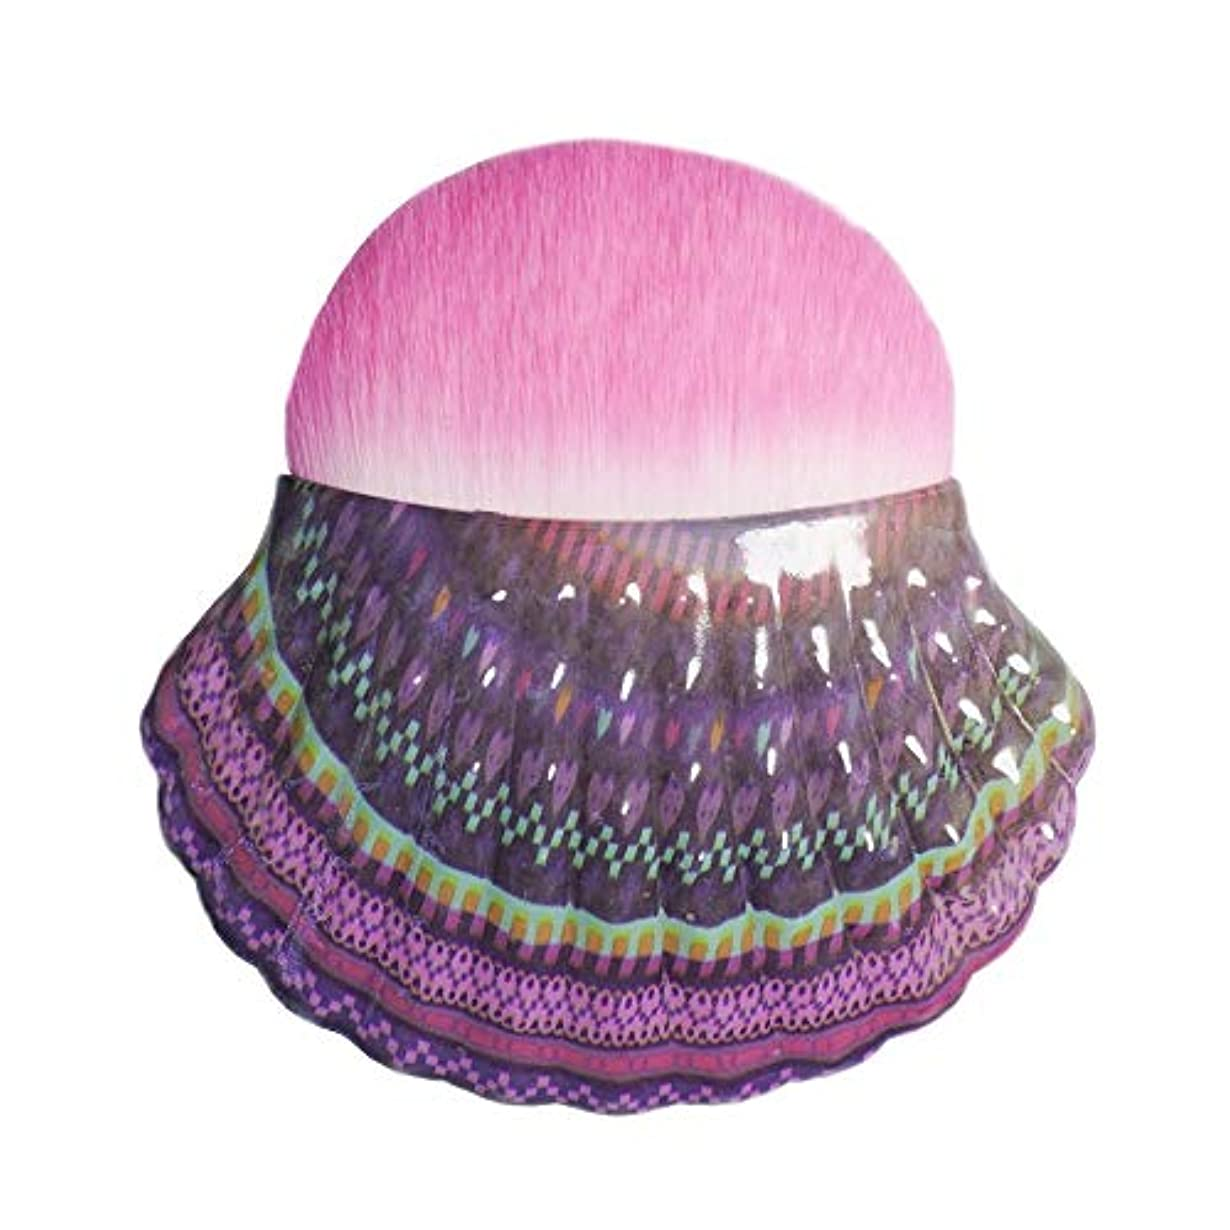 顕現日食コメンテーターMakeup brushes 化粧シングルシェル赤面ブラシ化粧ブラシツールポータブル多機能化粧ブラシ、ピンク suits (Color : Pink Gradient)